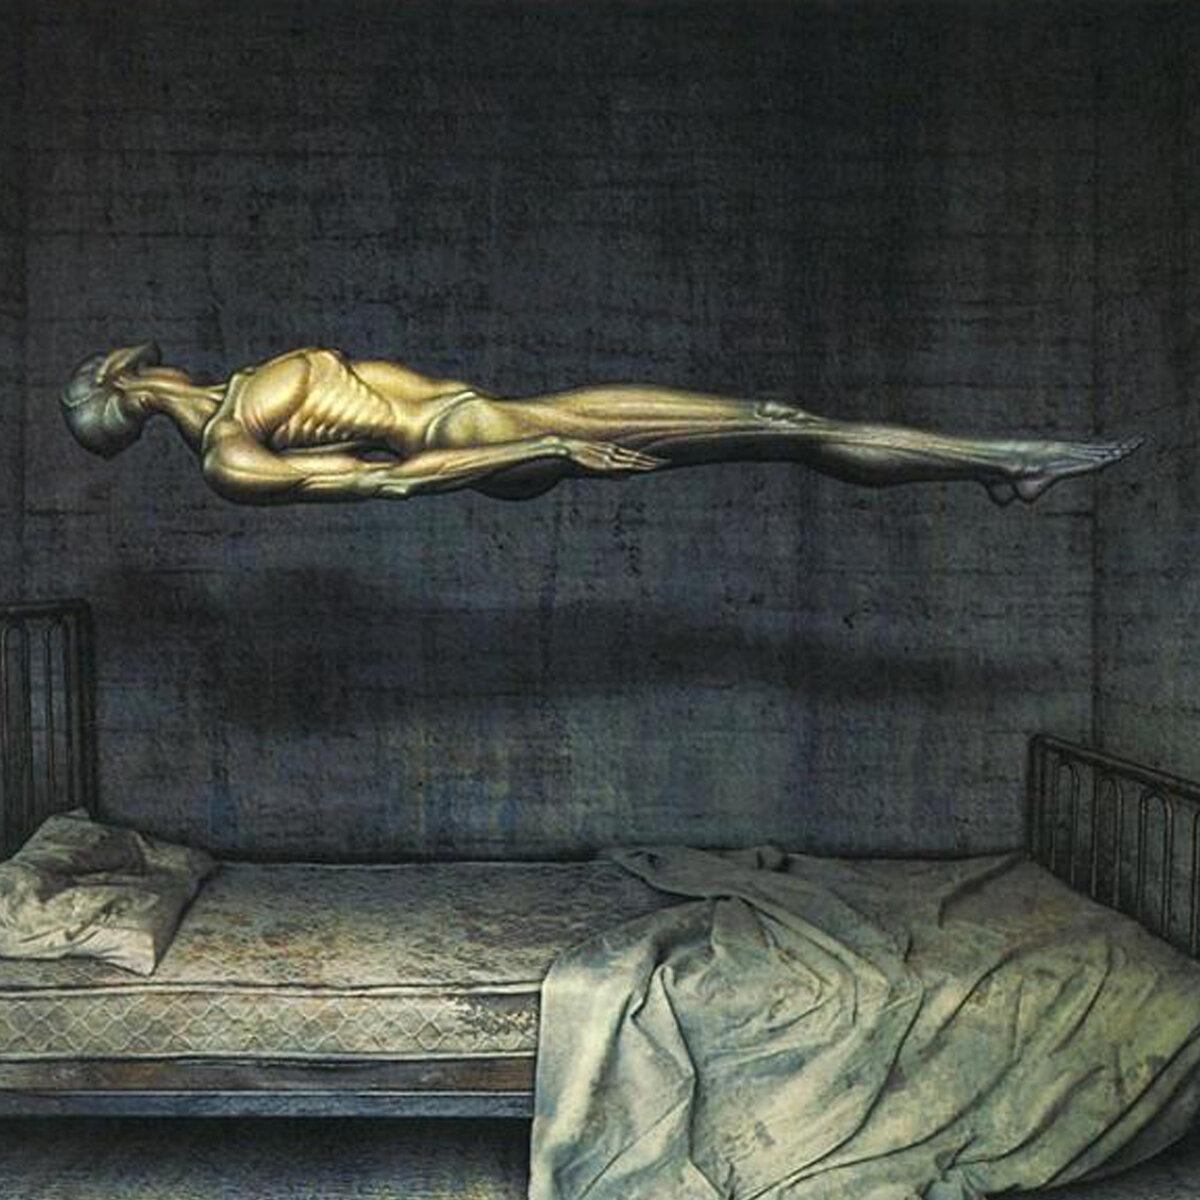 Состояние канашибари (сонный паралич), которым пользуются пришельцы для похищения людей